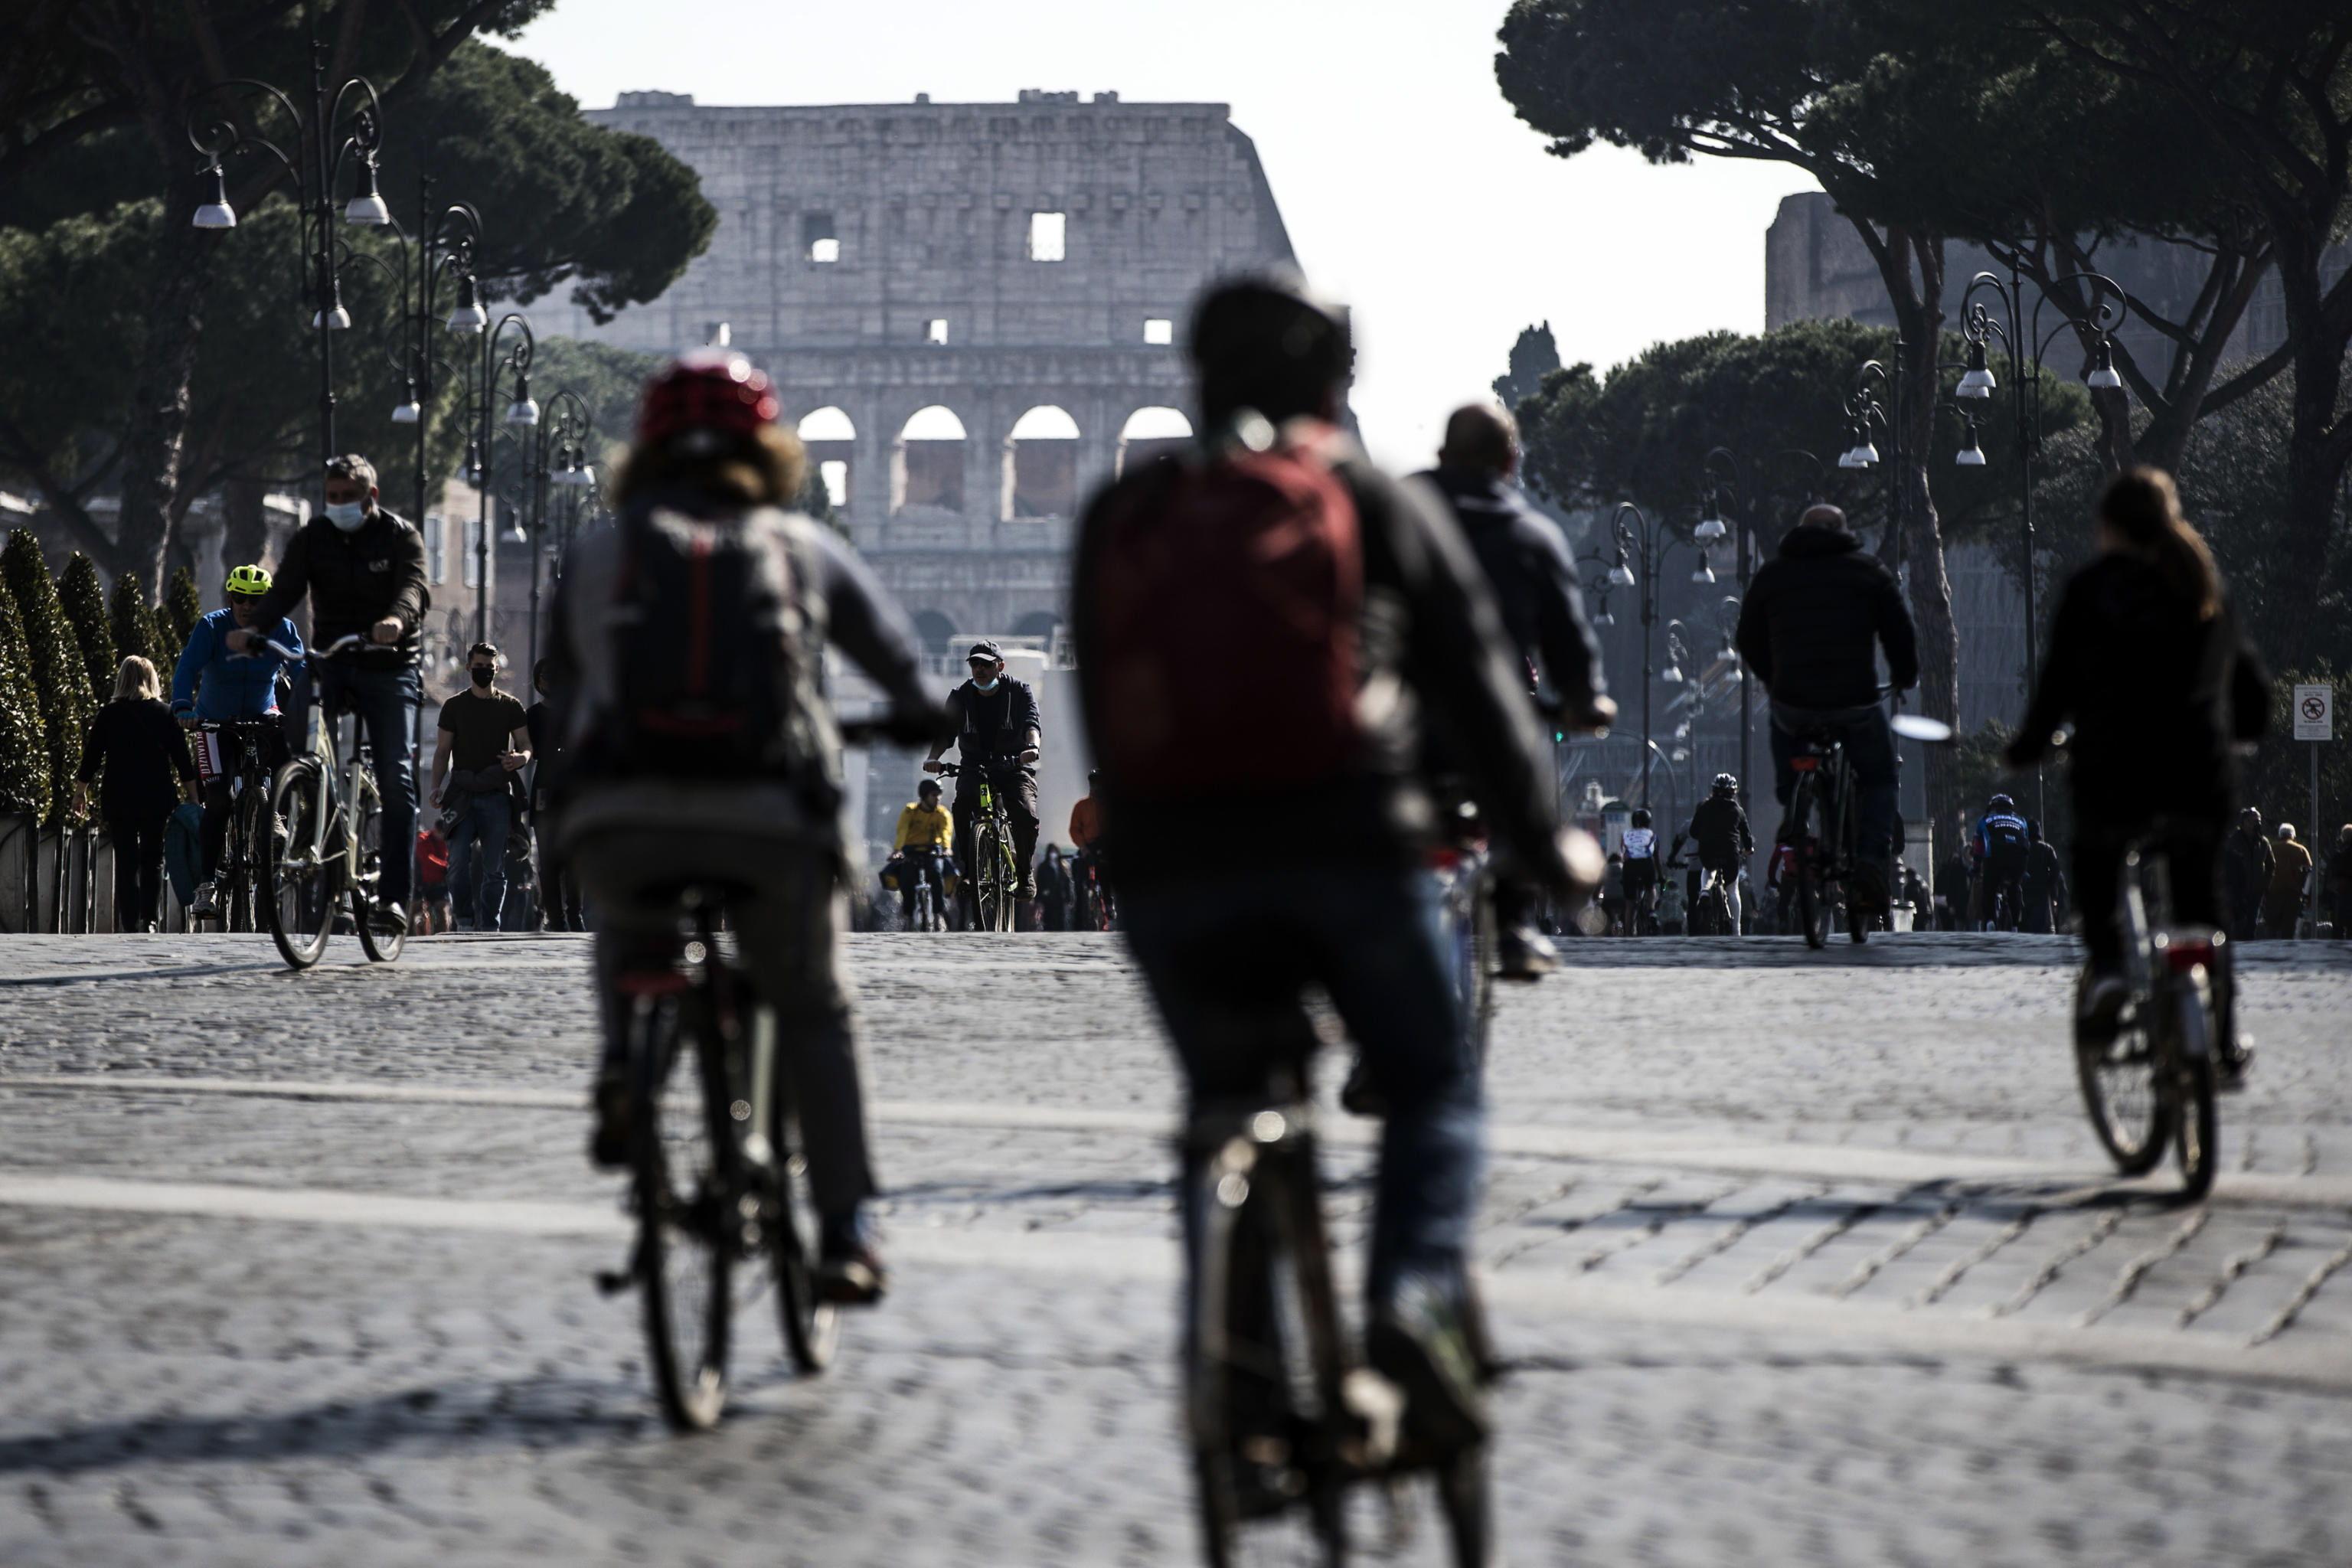 Varias personas montando en bici, con el Coliseo de fondo, en Roma.